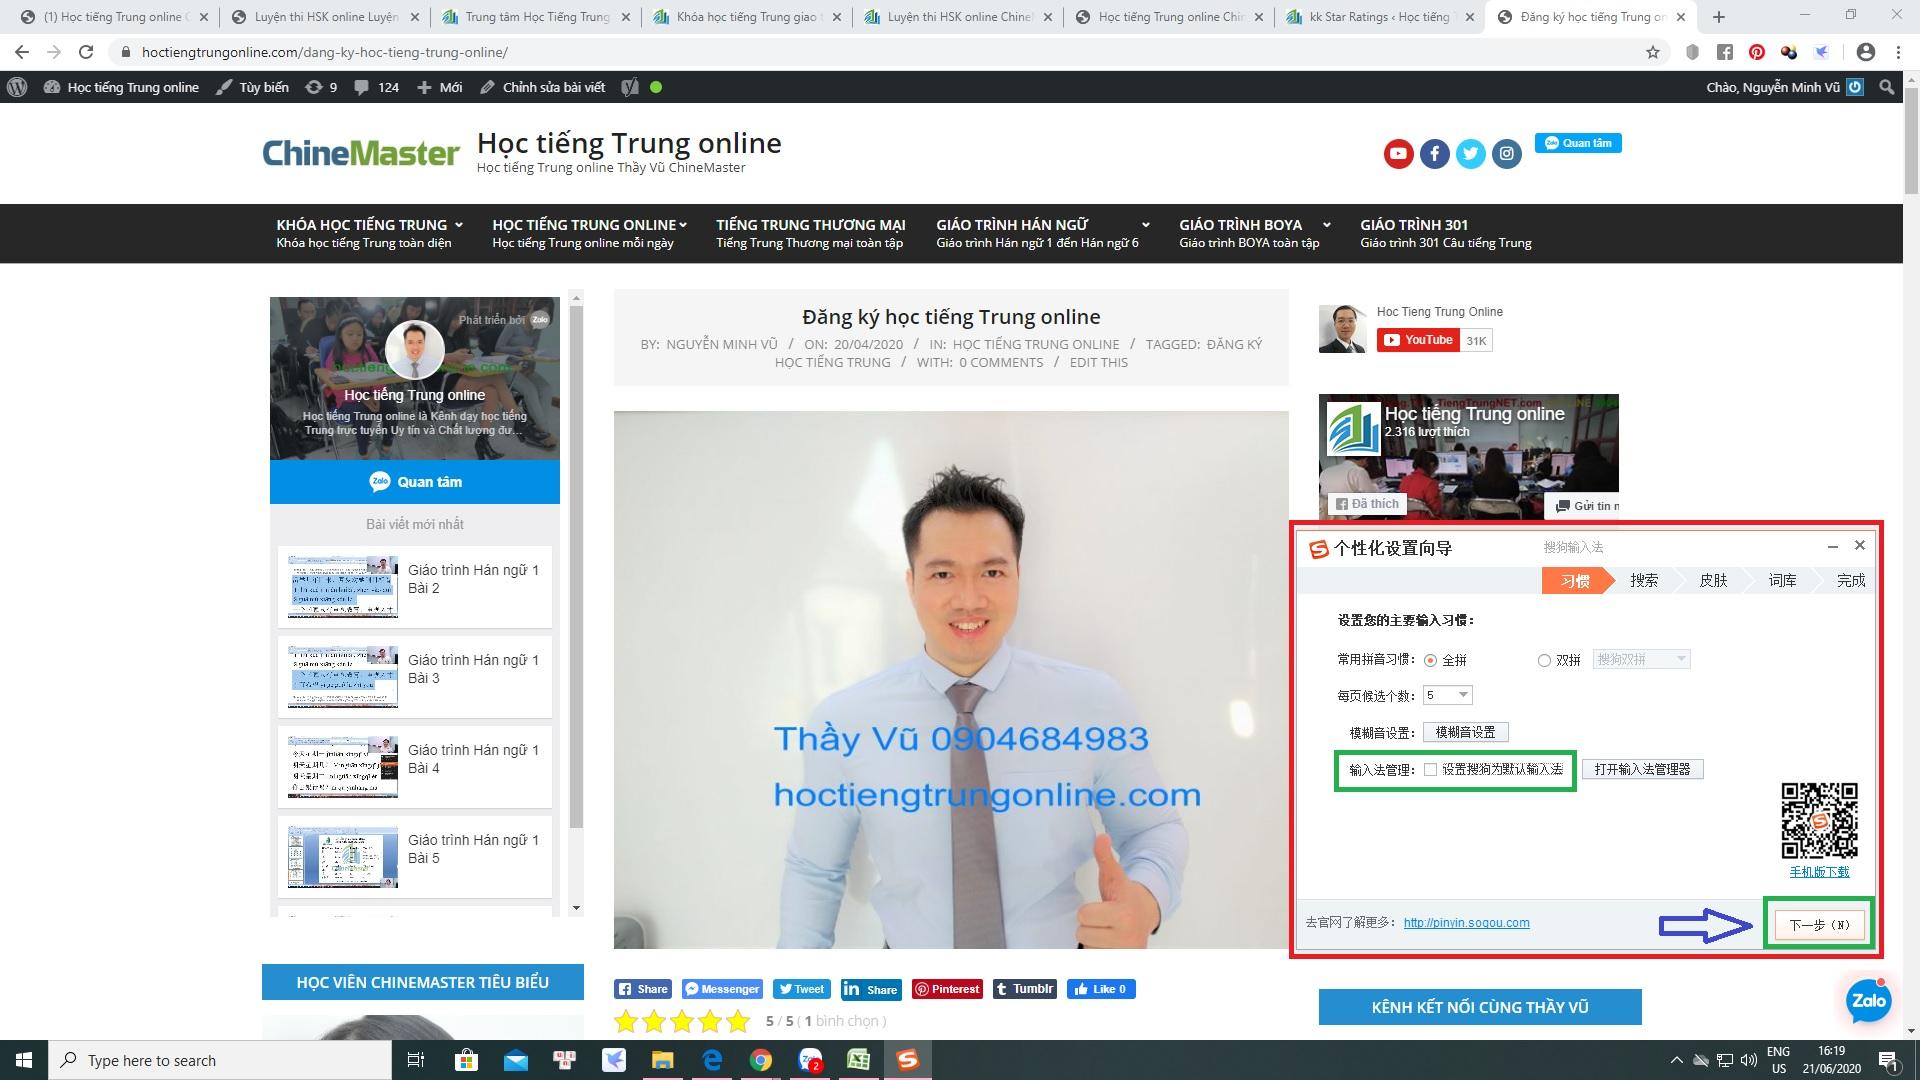 Cài bộ gõ tiếng Hoa SoGou trên máy tính Cài bộ gõ tiếng Trung trên Laptop và cài bộ gõ tiếng Trung SoGou PinYin trên PC